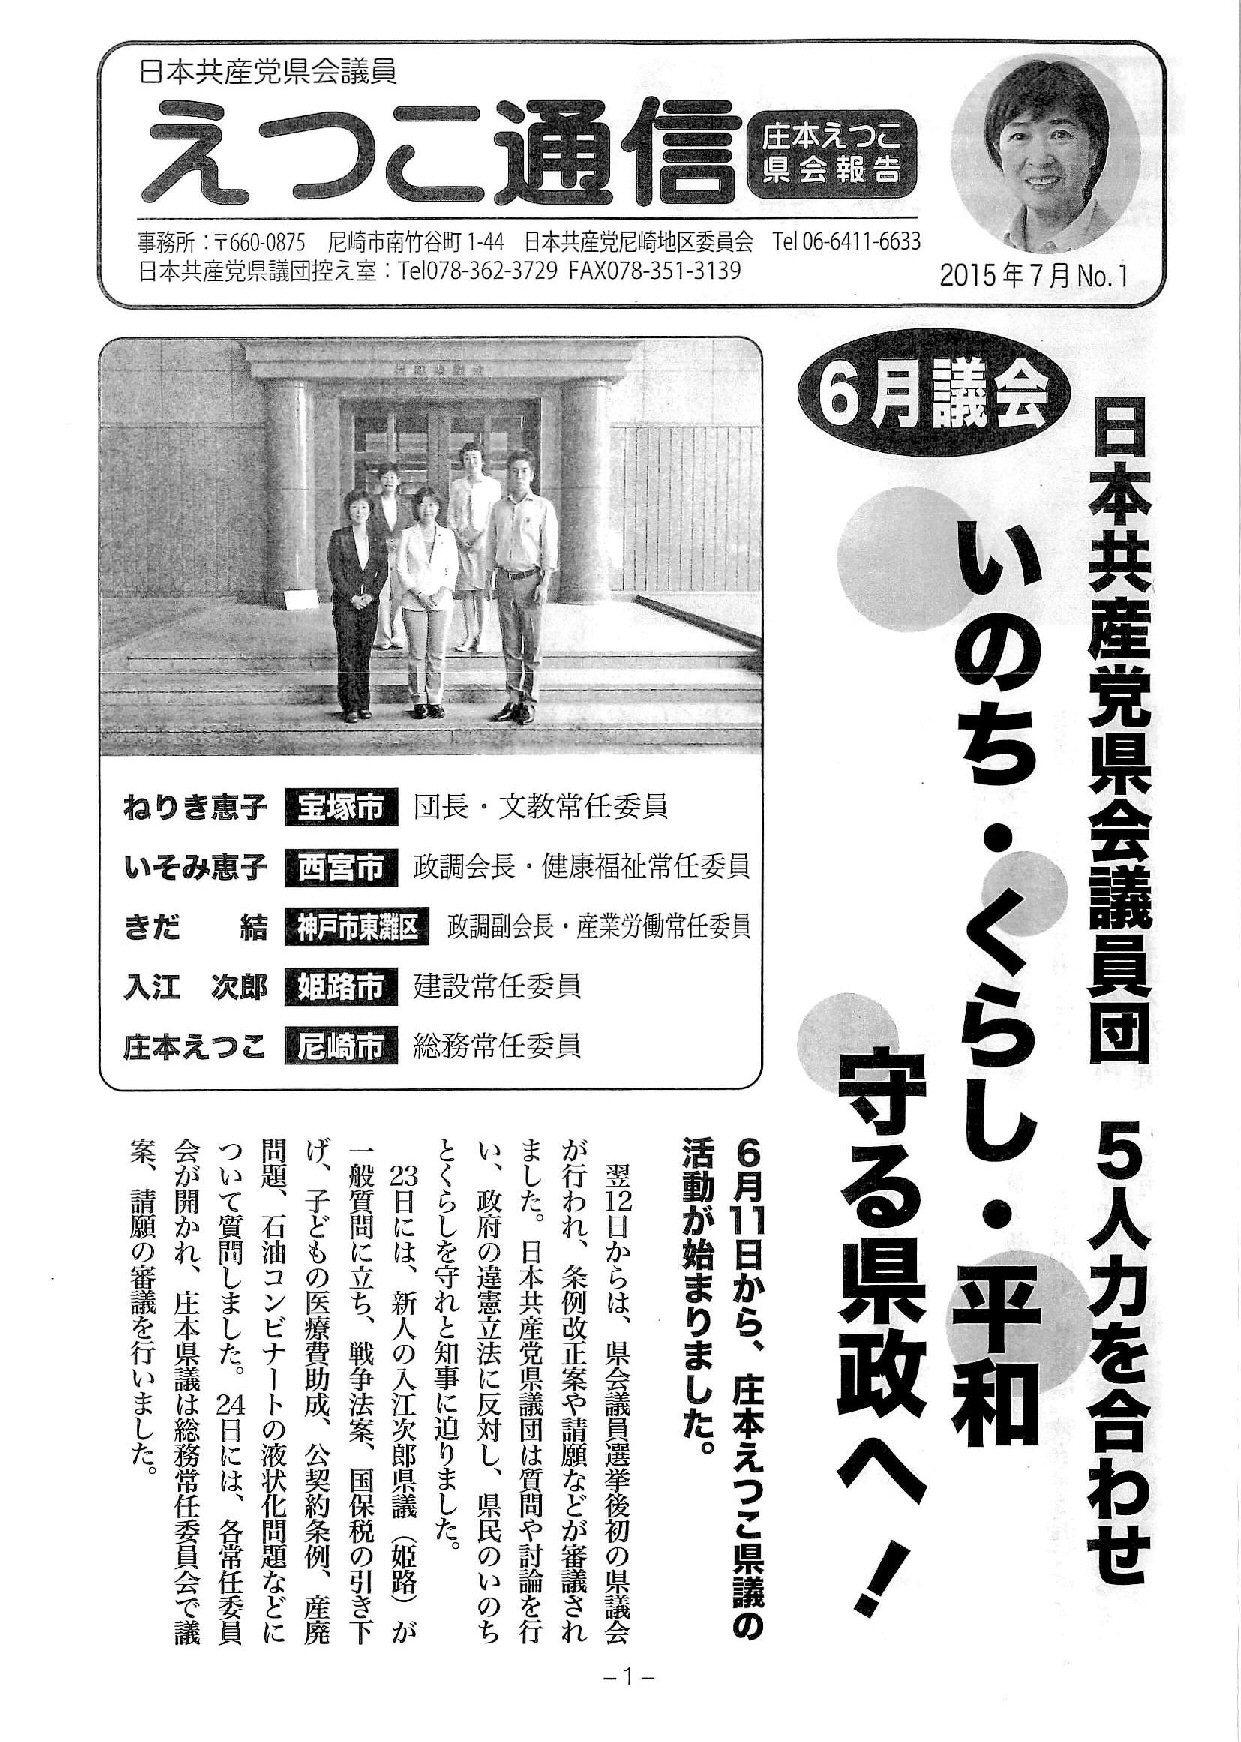 えつこ通信 №1 2015年7月_b0253602_18284120.jpg